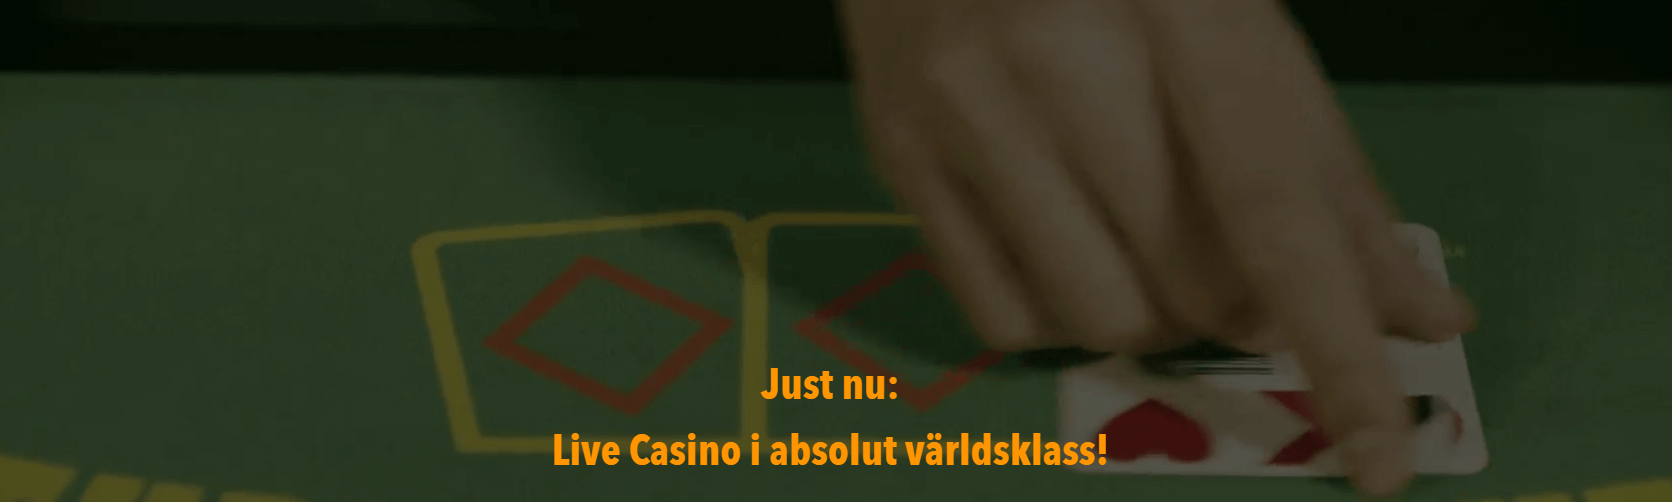 spela spelautomater för att vinna vulkanen 777